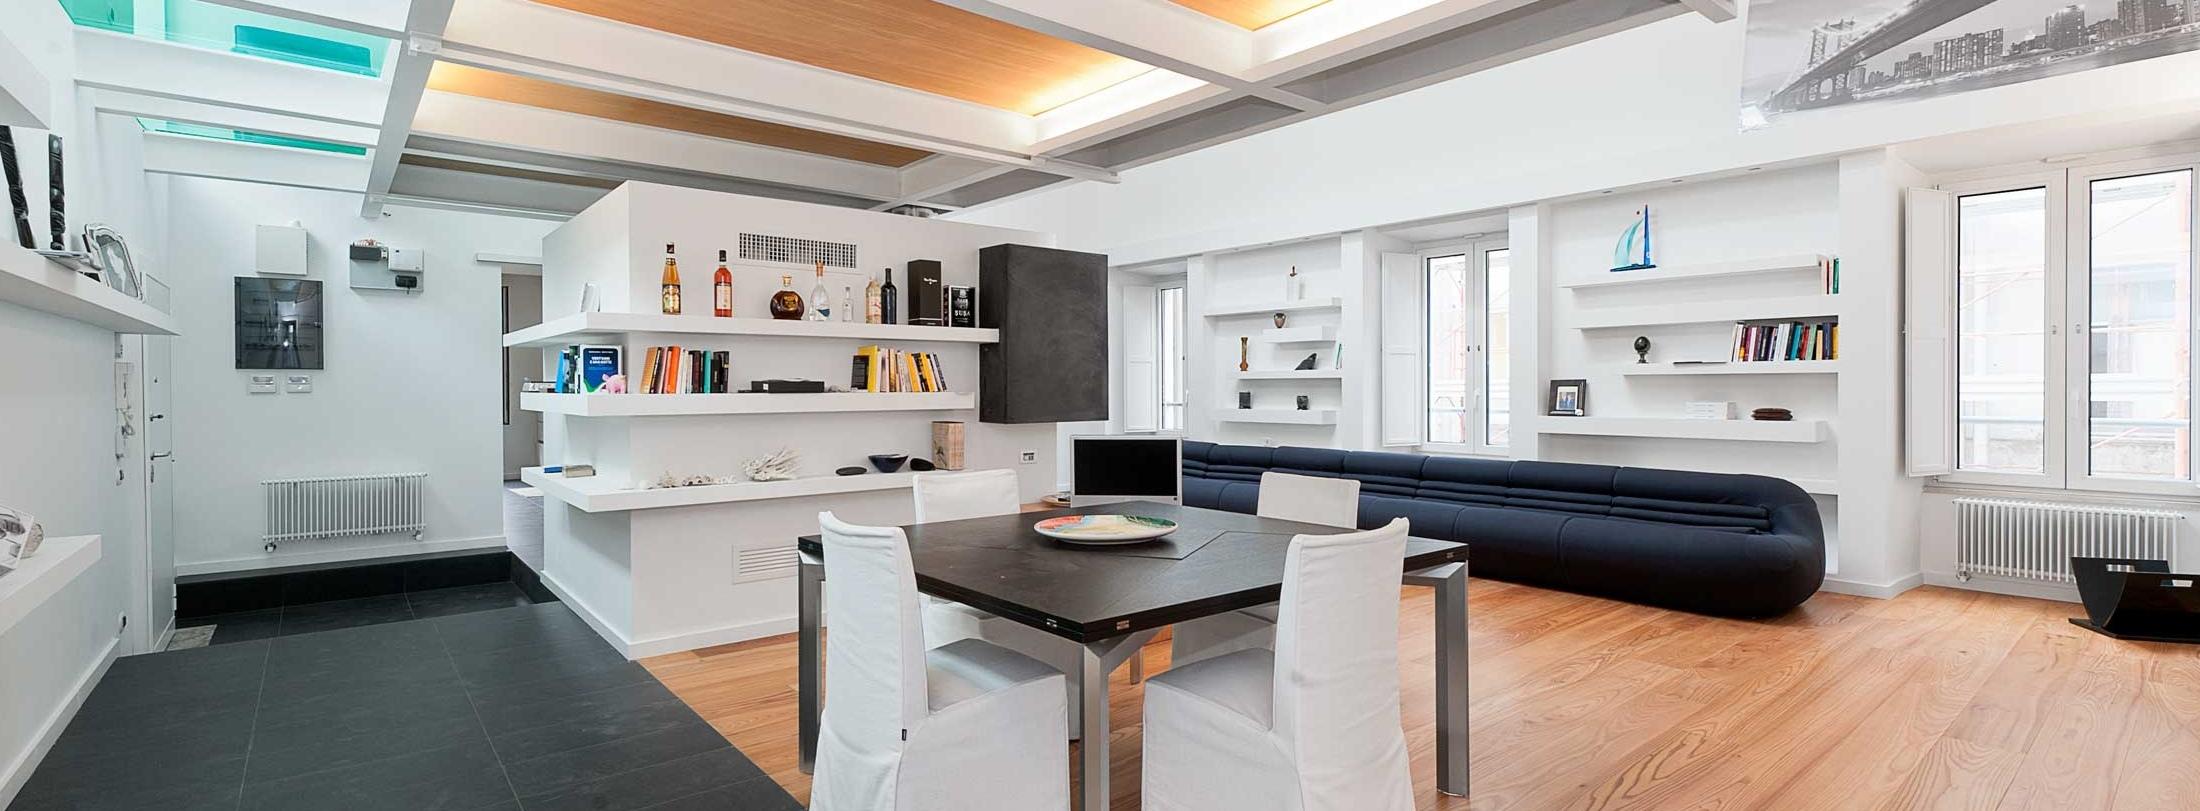 Le nostre case in vendita in provincia di Modena 0881a6c8878